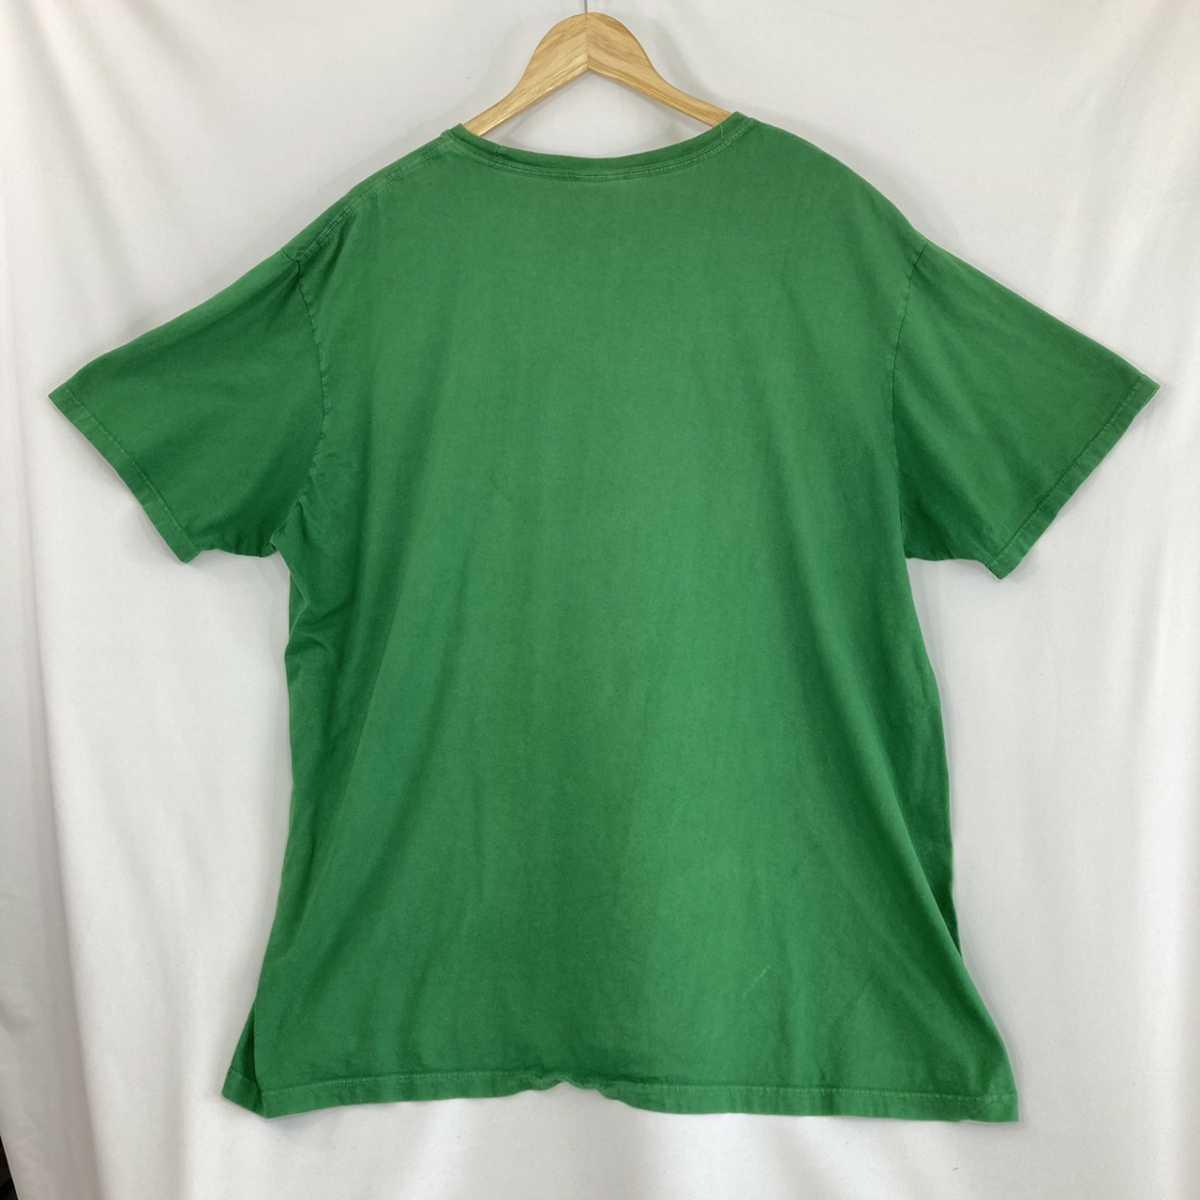 【人気カラー】ラルフローレン Tシャツ 刺繍ロゴ 緑 グリーン 古着 XXL_画像6